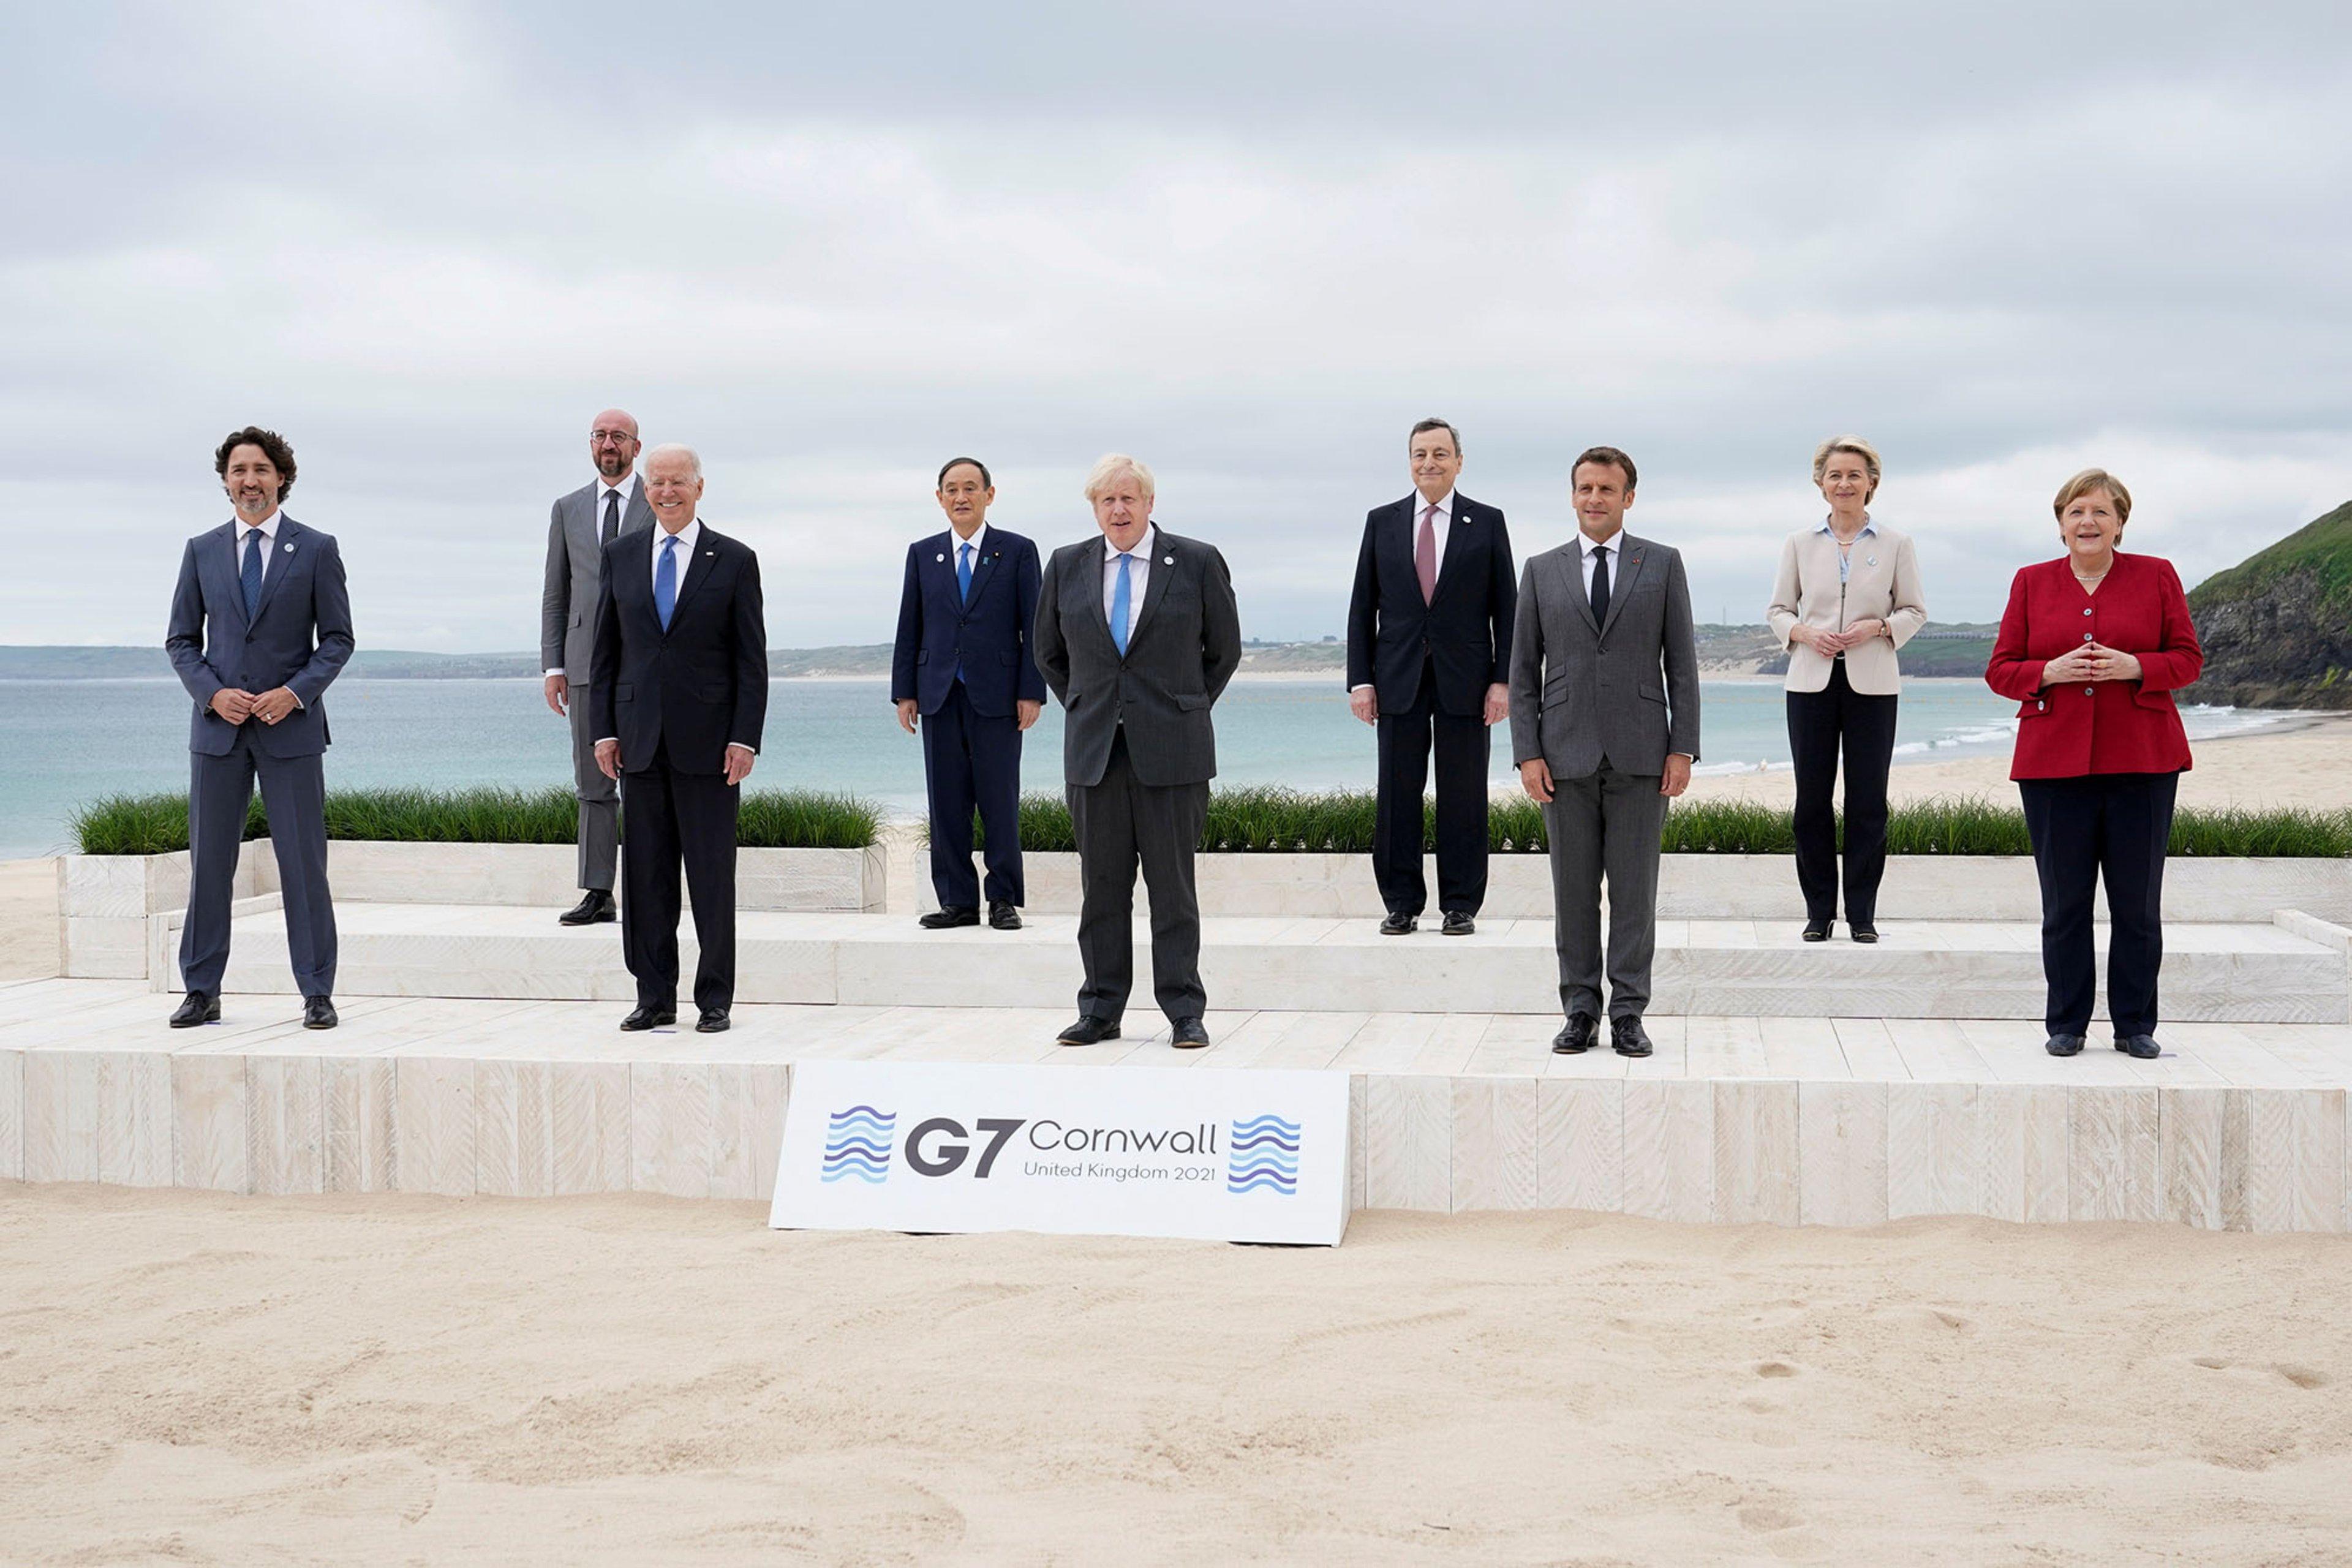 G7 के देश अमेरिका से 31 अगस्त के बाद भी अफगानिस्तान में सेना रखने की गुजारिश कर चुके हैं। उनका मानना है कि तय तारीख तक लोगों का रेस्क्यू मुश्किल है। (फाइल फोटो)